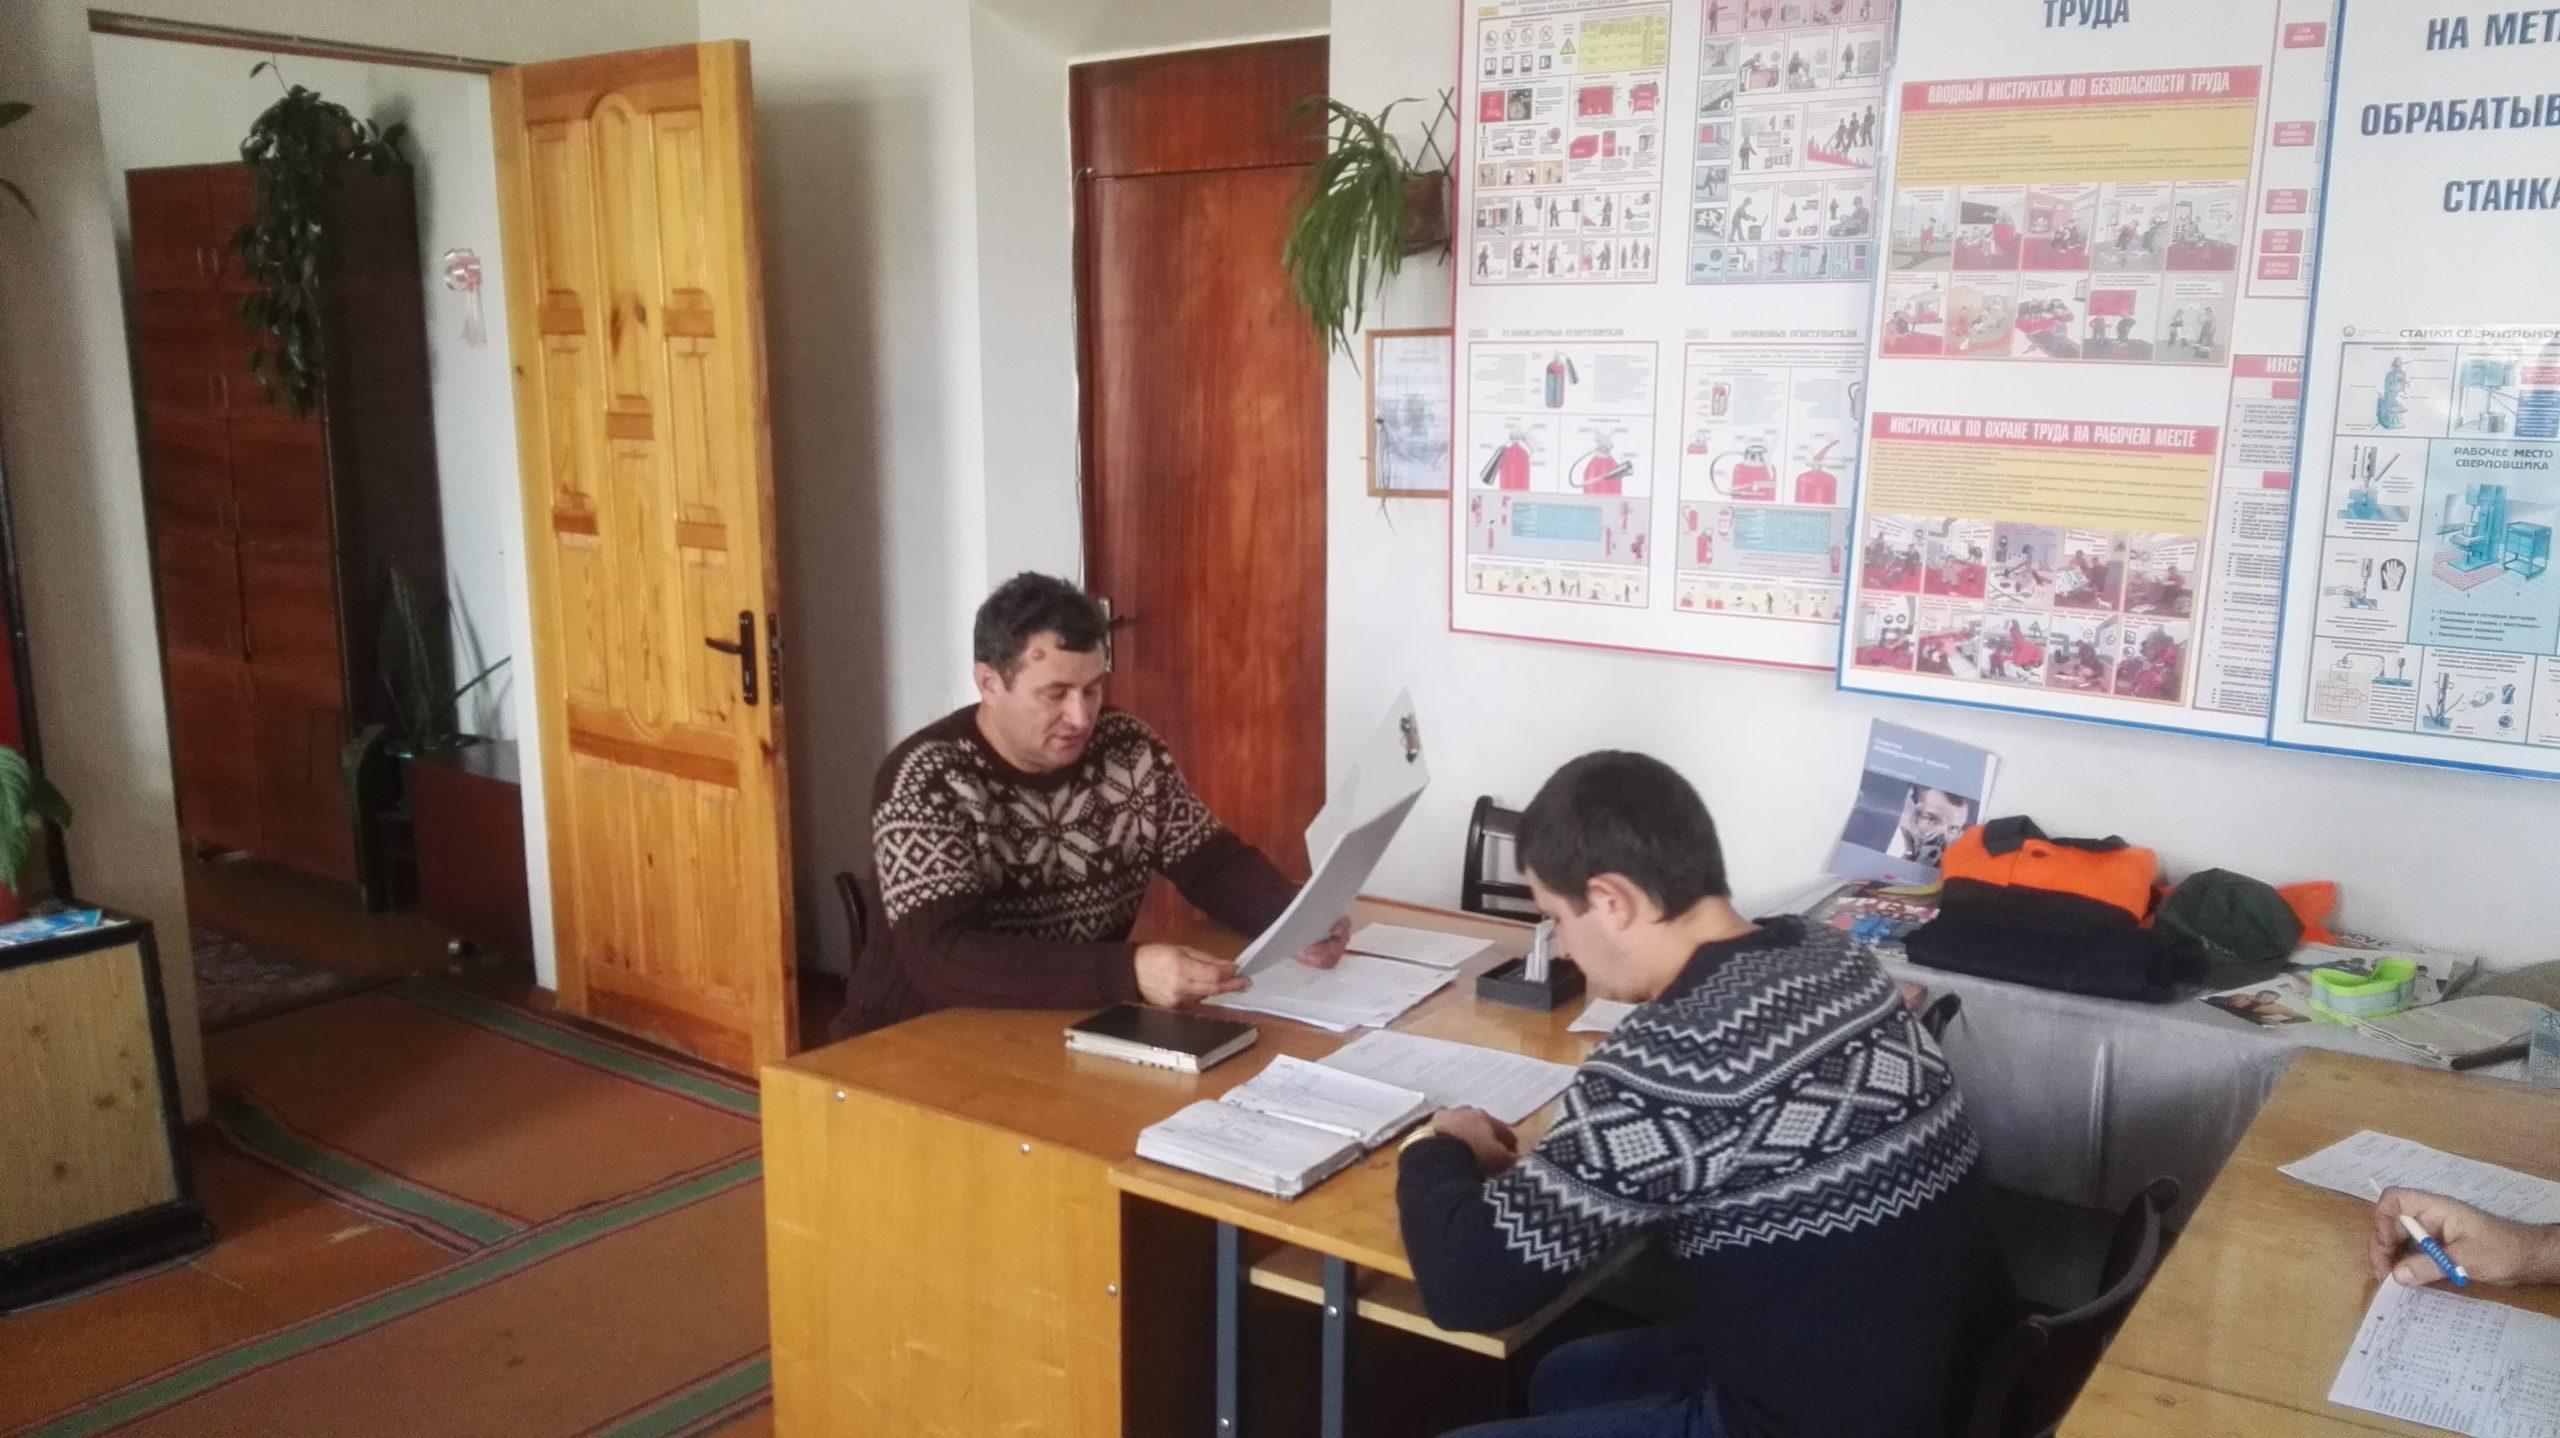 Расширенное заседание рабочей группы ОАО «ТБЗ Усяж». Декрет 1